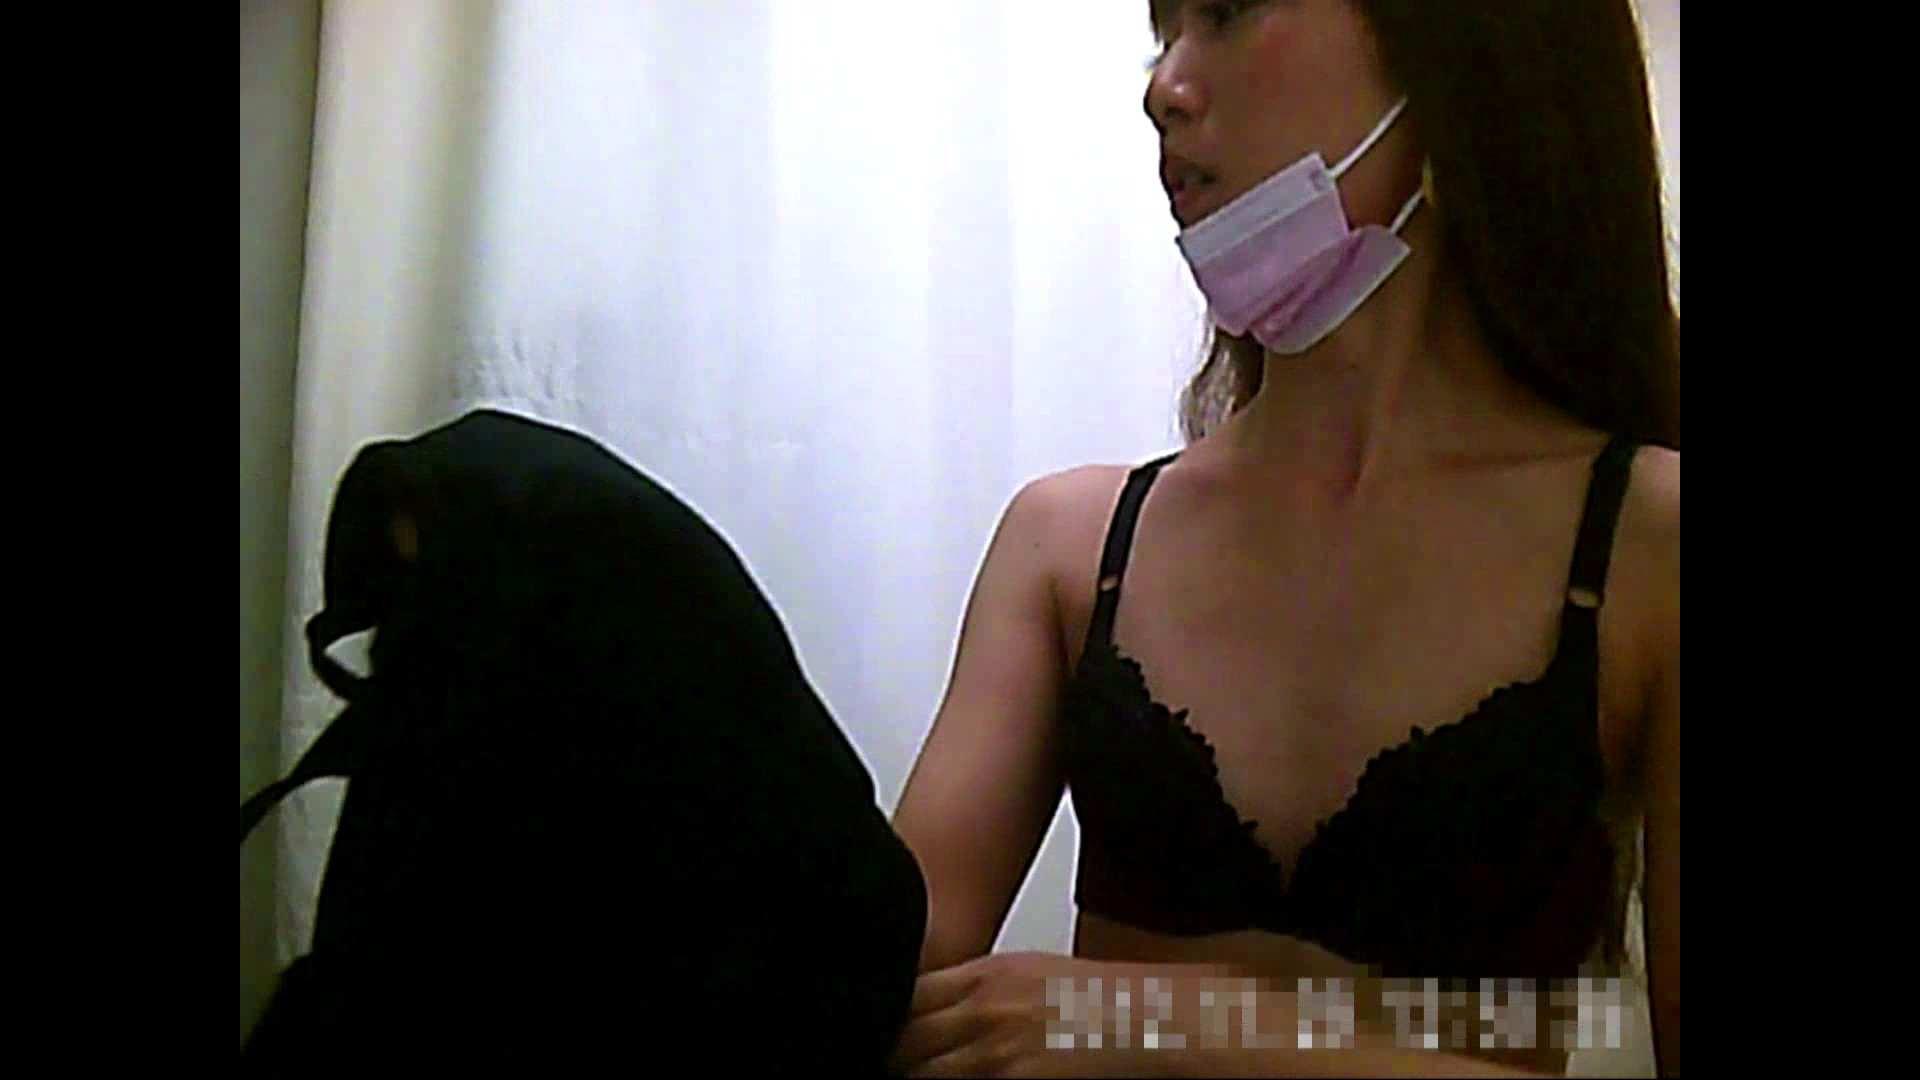 病院おもいっきり着替え! vol.162 着替え 隠し撮りセックス画像 63画像 60